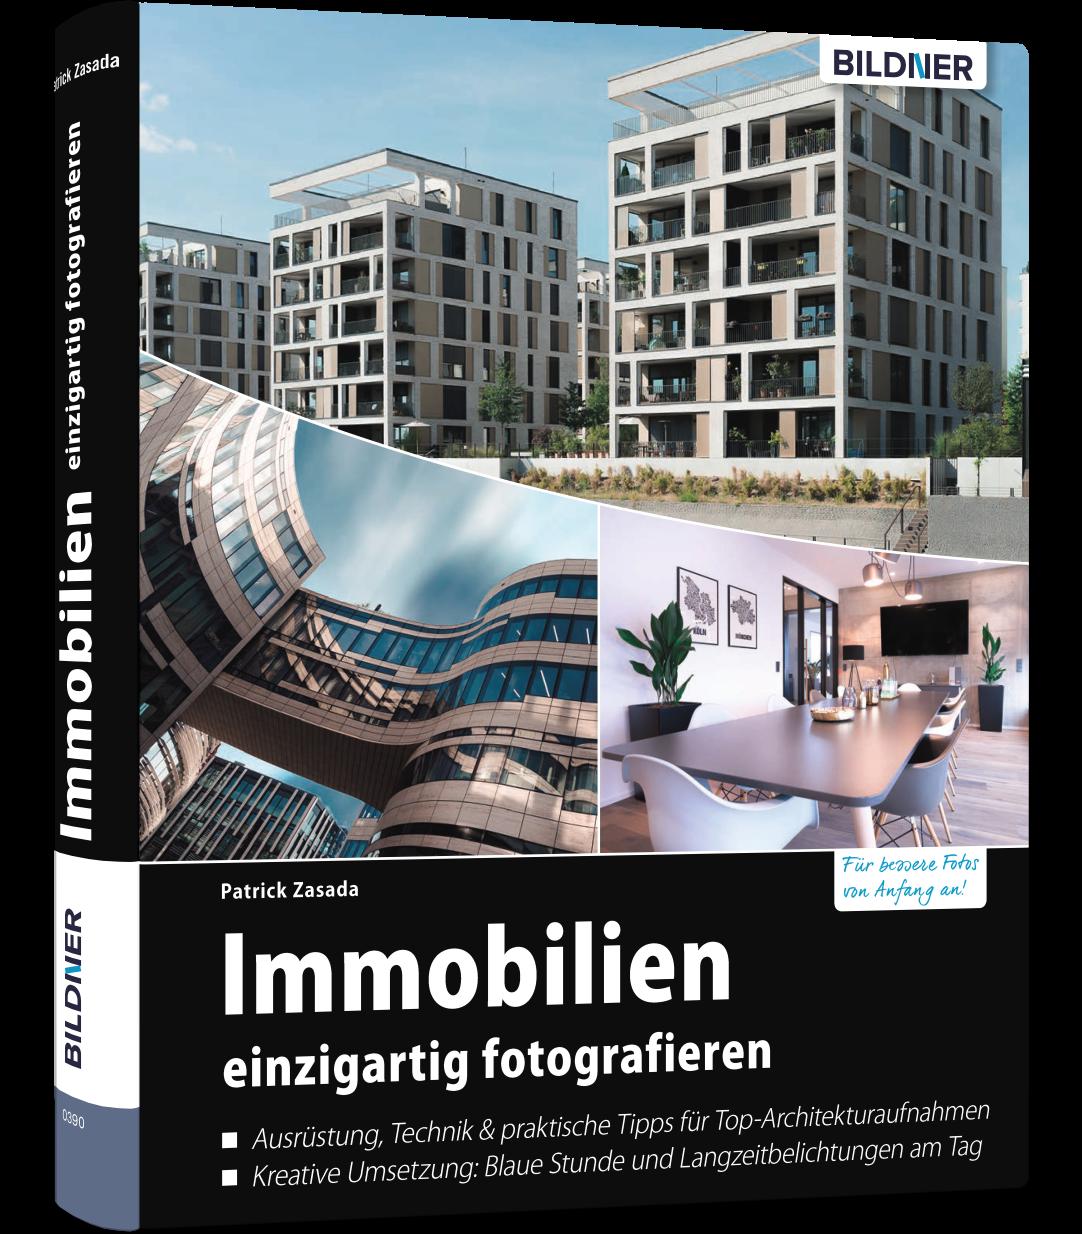 Das Buch zur Architektur- & Immobilienfotografie für Fortgeschrittene von Patrick Zasada (Bildner Verlag)